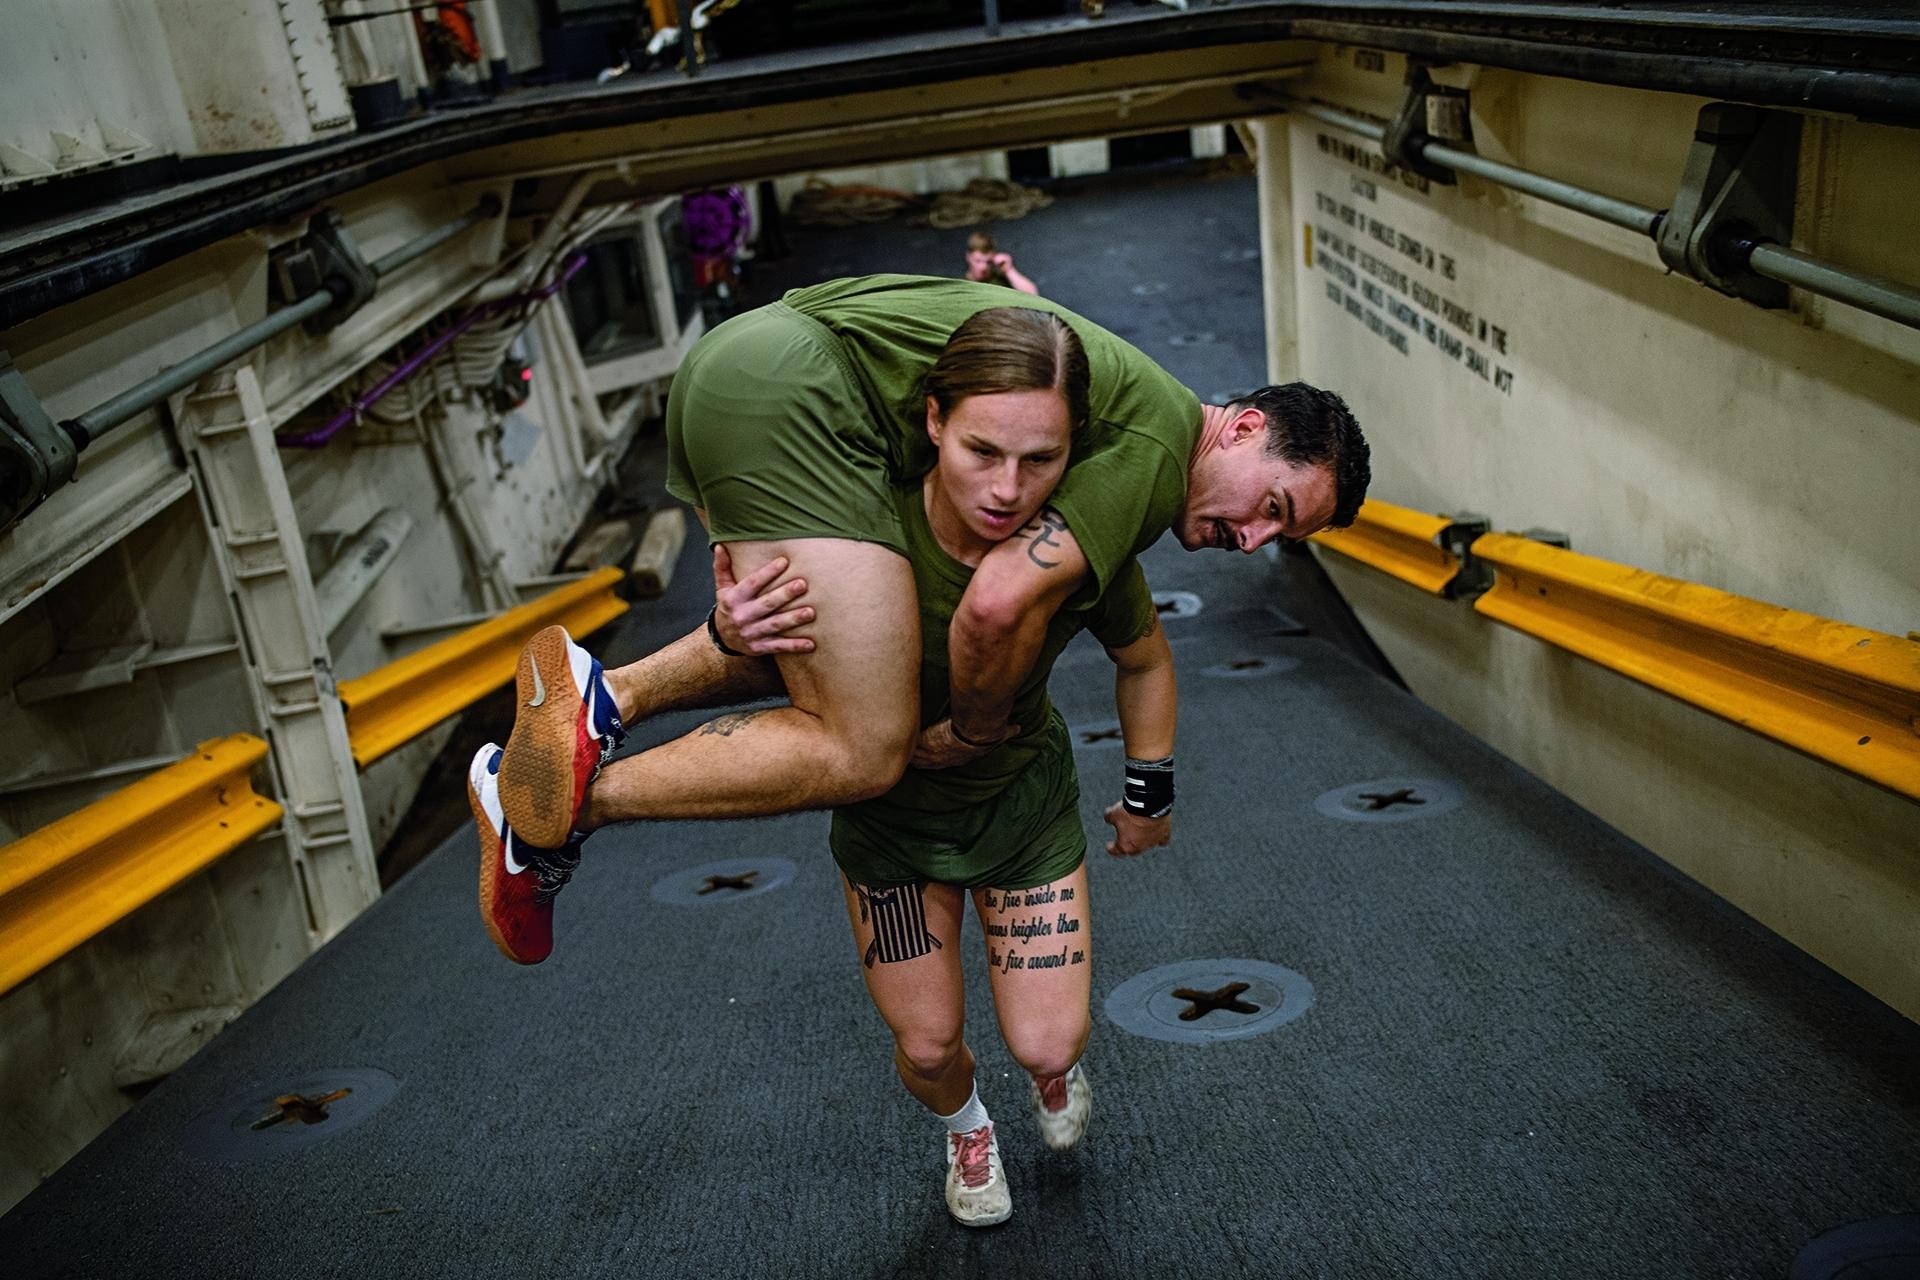 美國 必要時,海軍陸戰隊隊員必須能扛著同袍行動。在北卡羅萊納州勒瓊基地的海軍軍艦上,海軍陸戰隊下士嘉布里埃.格林扛起一位陸戰隊同袍準備上艦部署。每年有3萬8000名新兵加入海軍陸戰隊,其中約有3500人是女性──或用美國海軍陸戰隊的說法:「陸戰隊女兵」。攝影:琳西.艾達里歐 LYNSEY ADDARIO